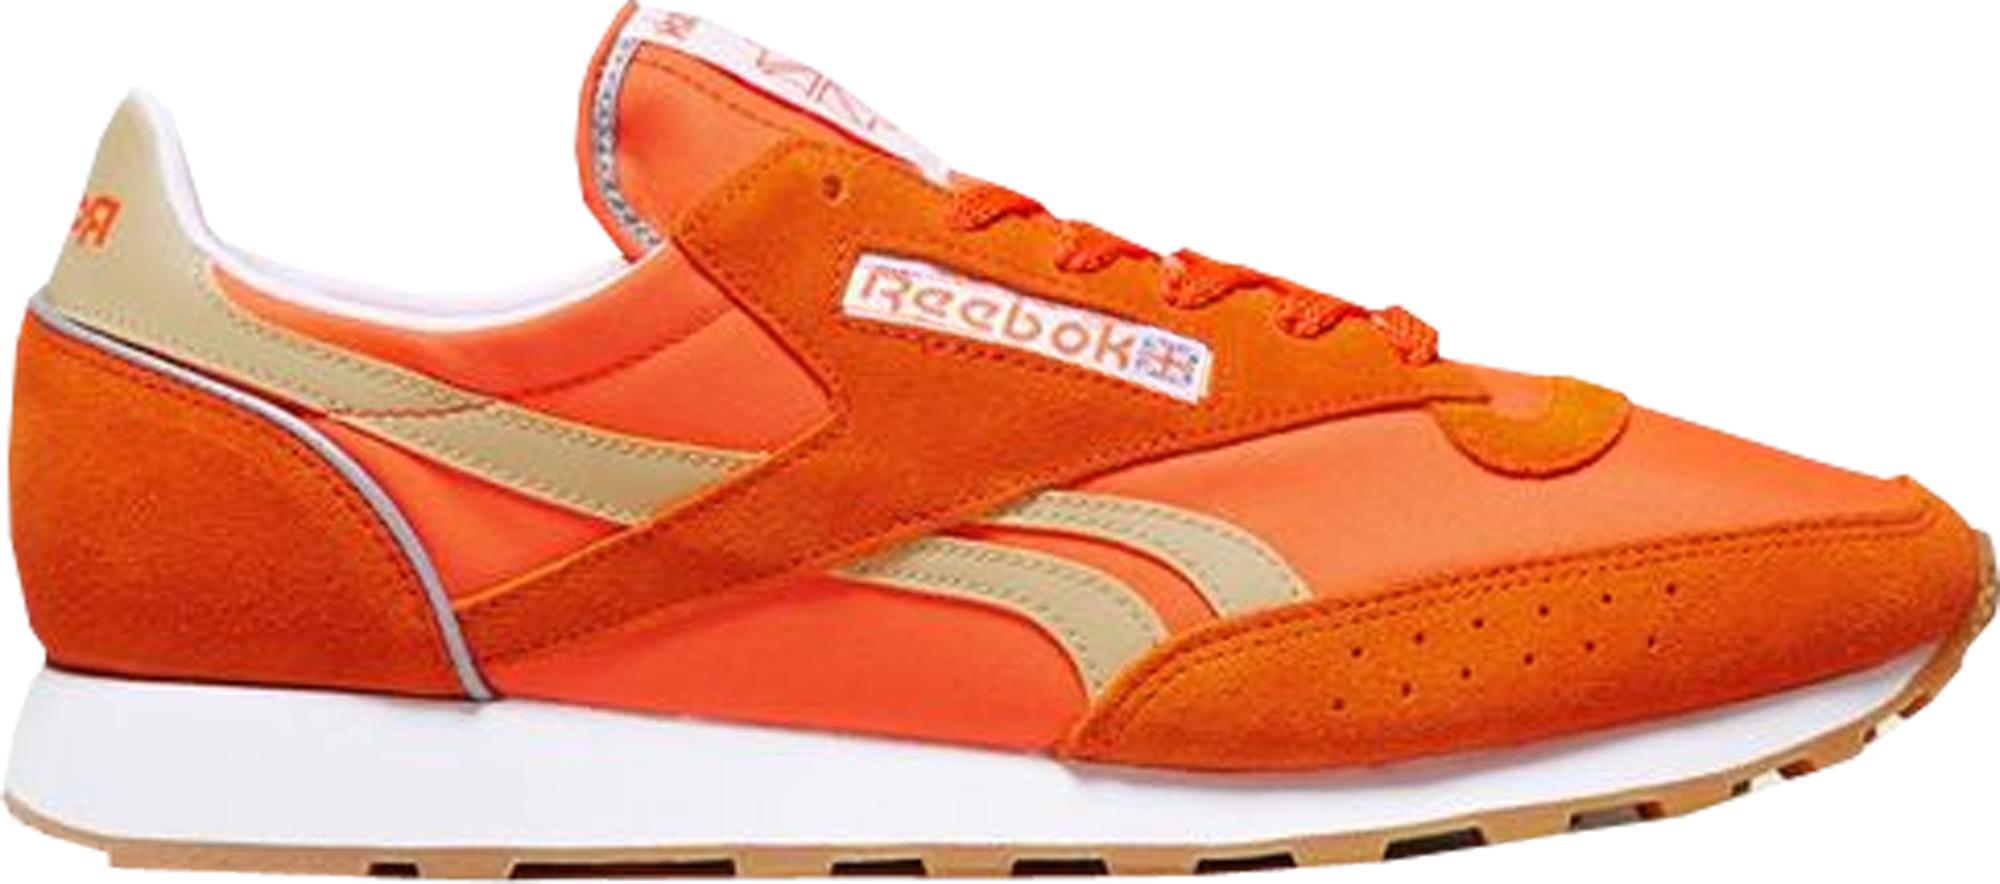 Reebok Classic 83 size? Ree-Cut